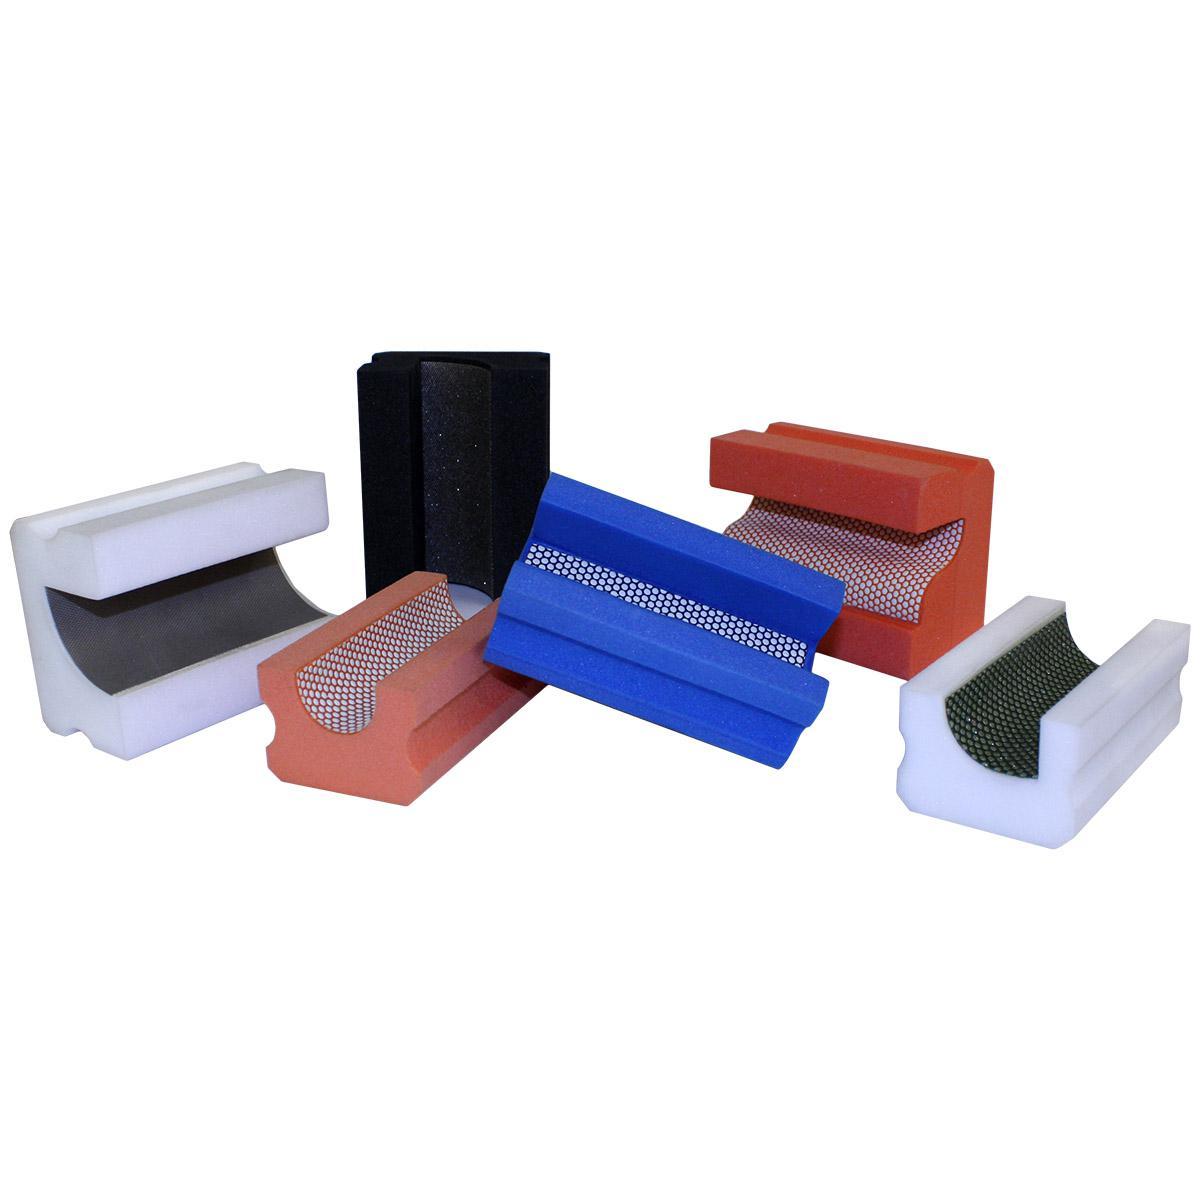 Затир ручной (профиль A) h-30 мм, зерно 8000 (оранжевая, полимер)